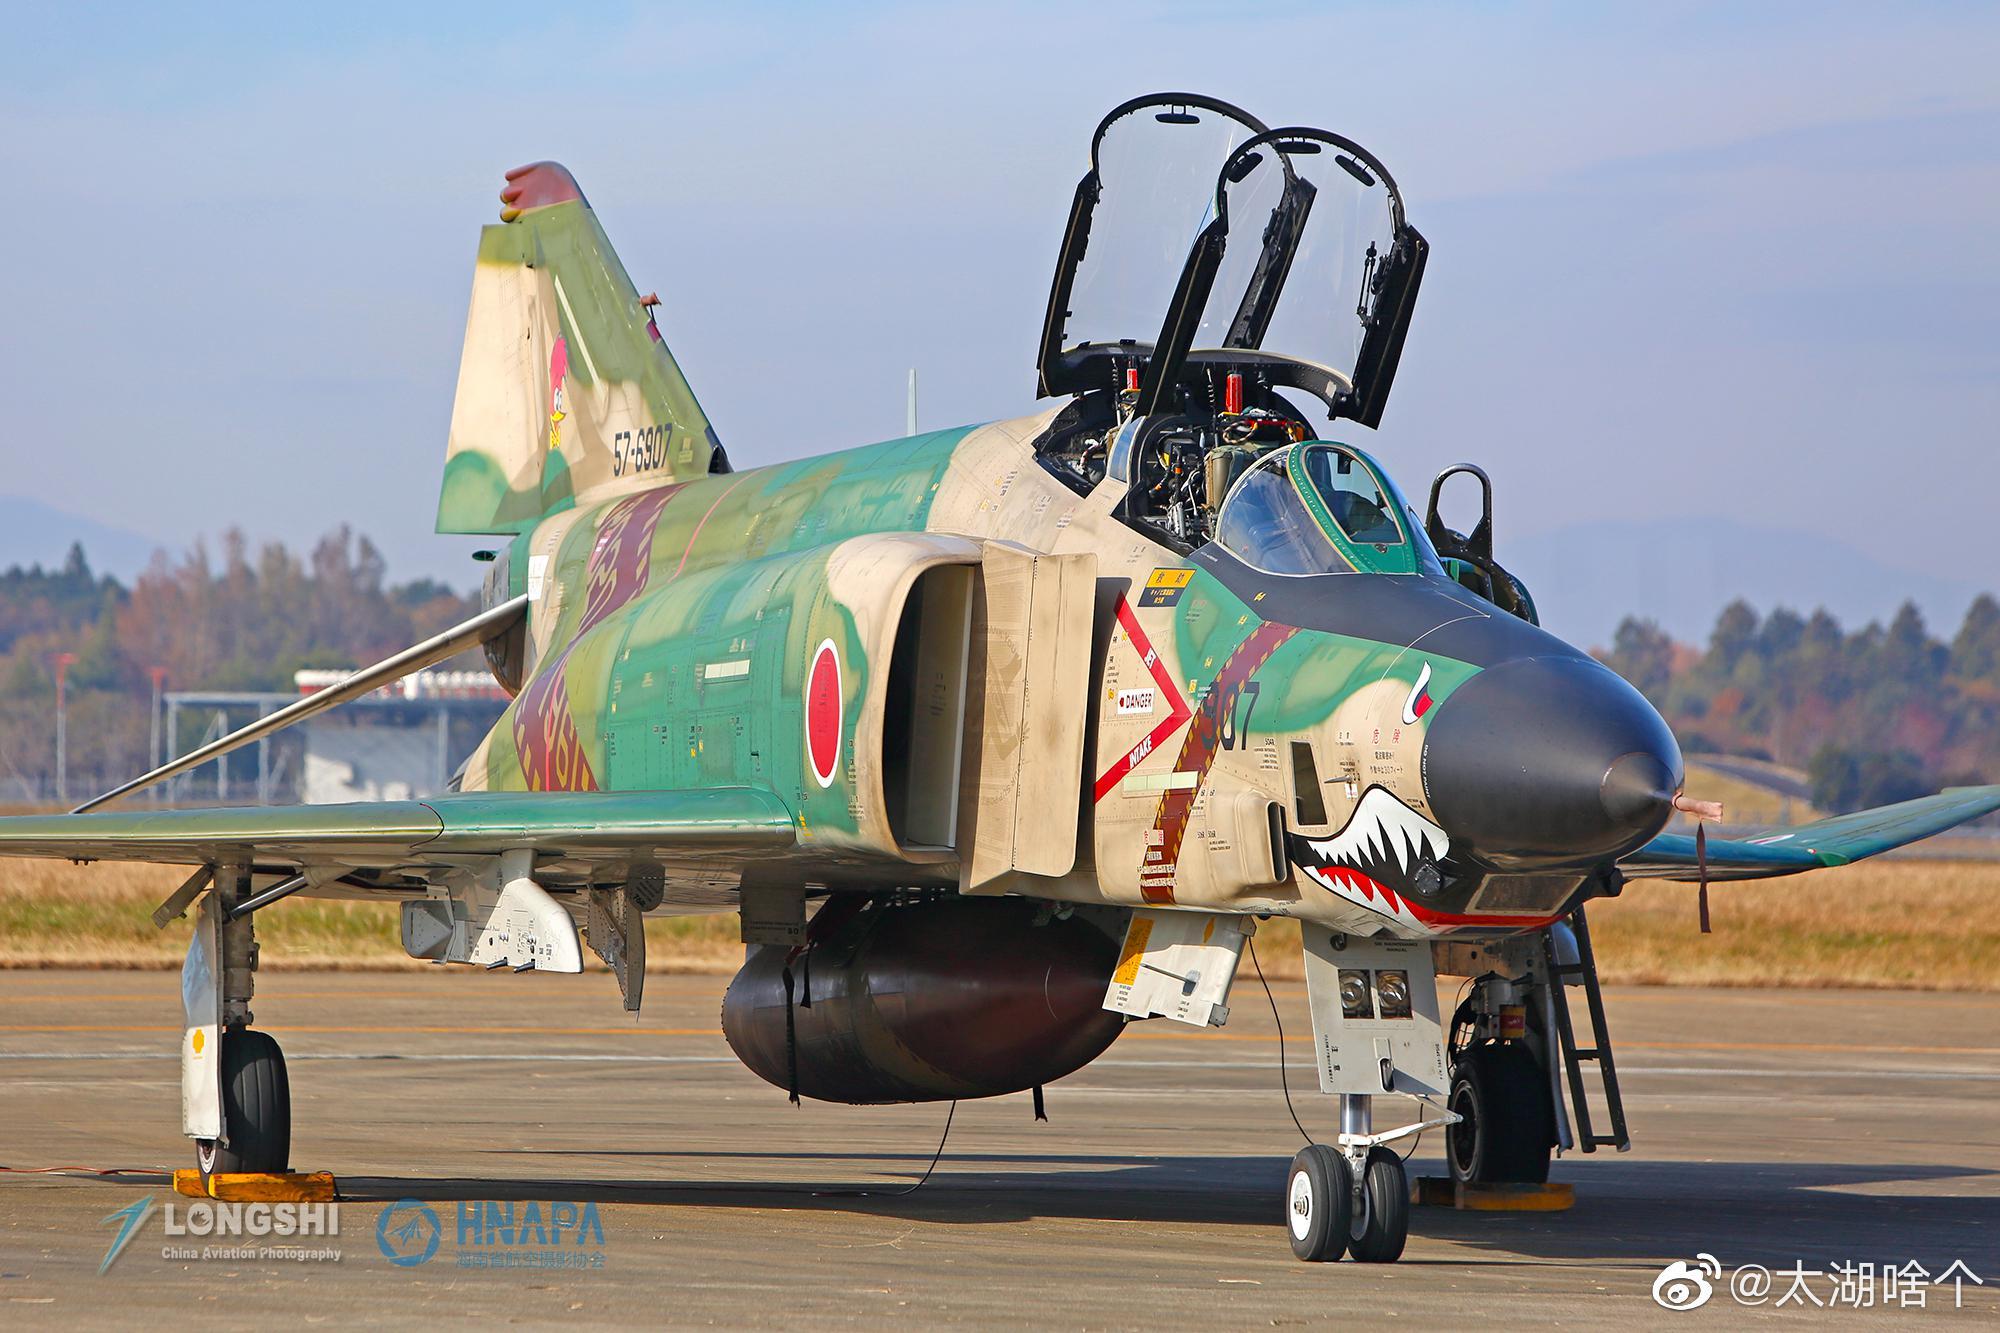 日本航空自卫队目前有12个战斗机中队,未来会增加1个中队